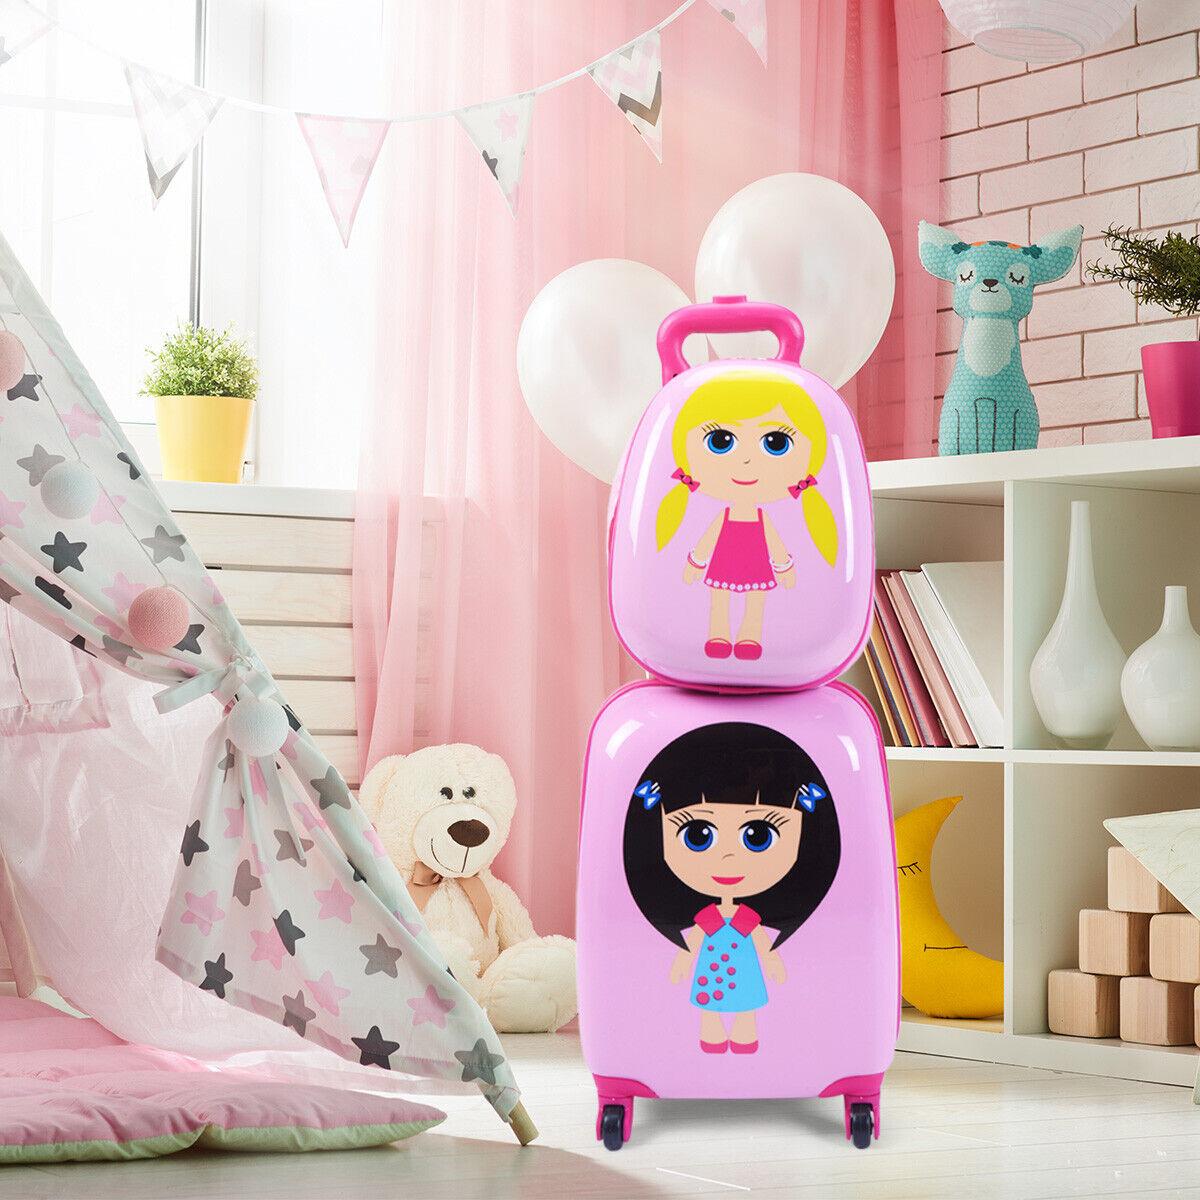 2tlg Kinderkoffer + Rucksack Kofferset Kindergepäck Reisegepäck Kindertrolley